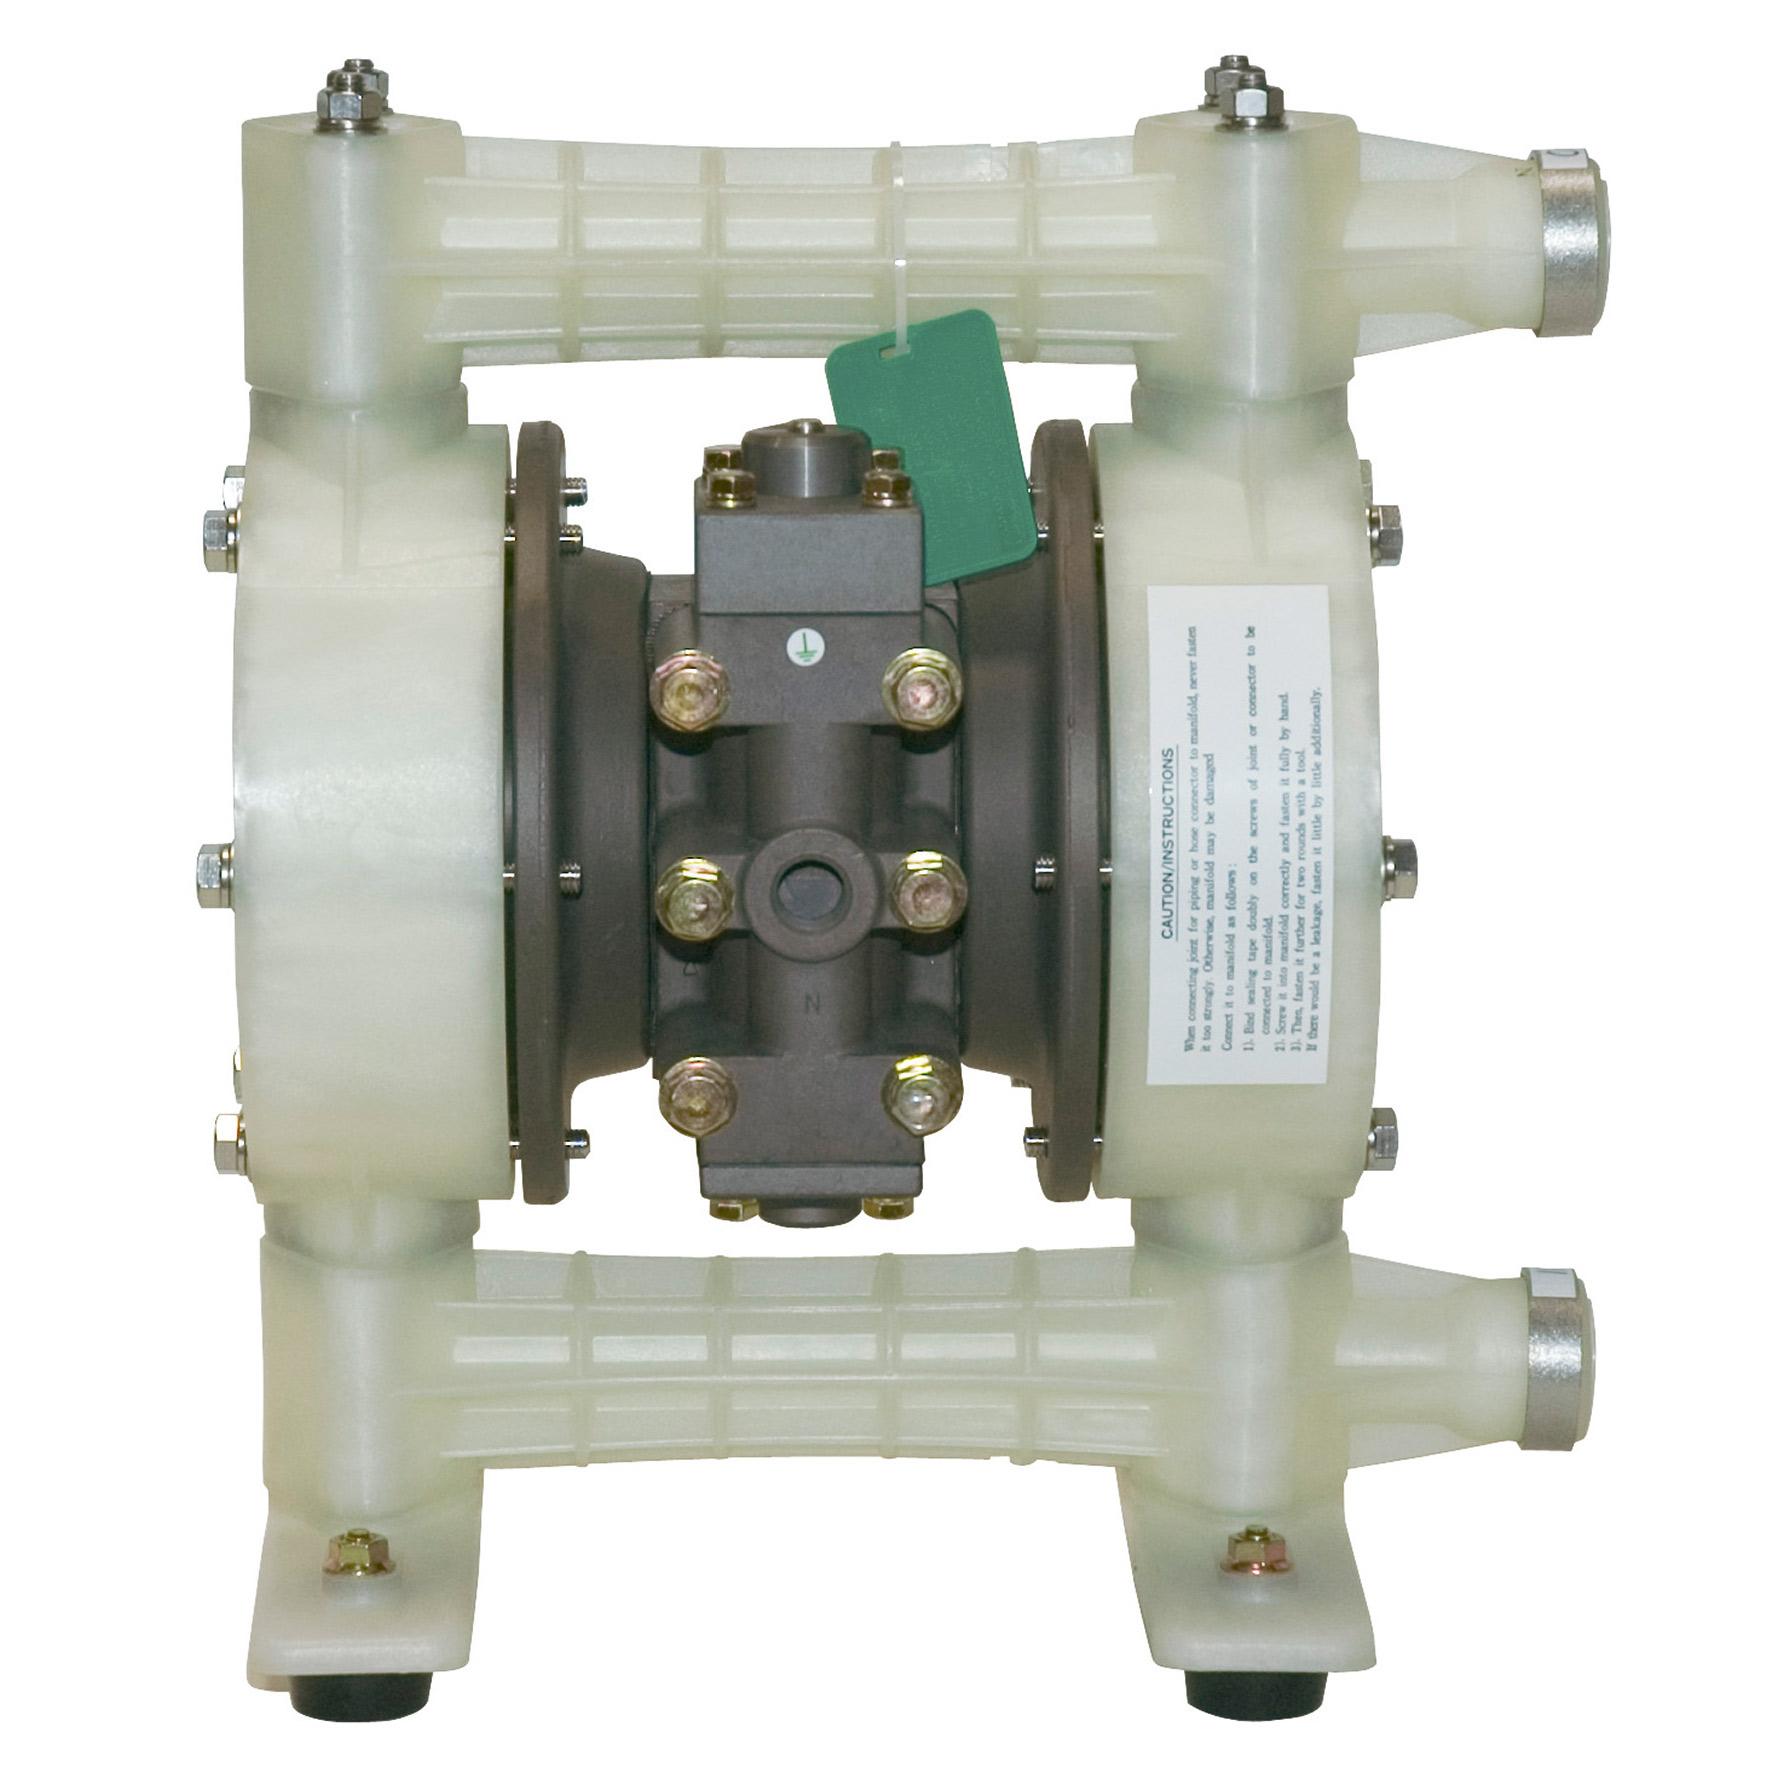 Yamada NDP -20 Series 3/4 Inch Pumps